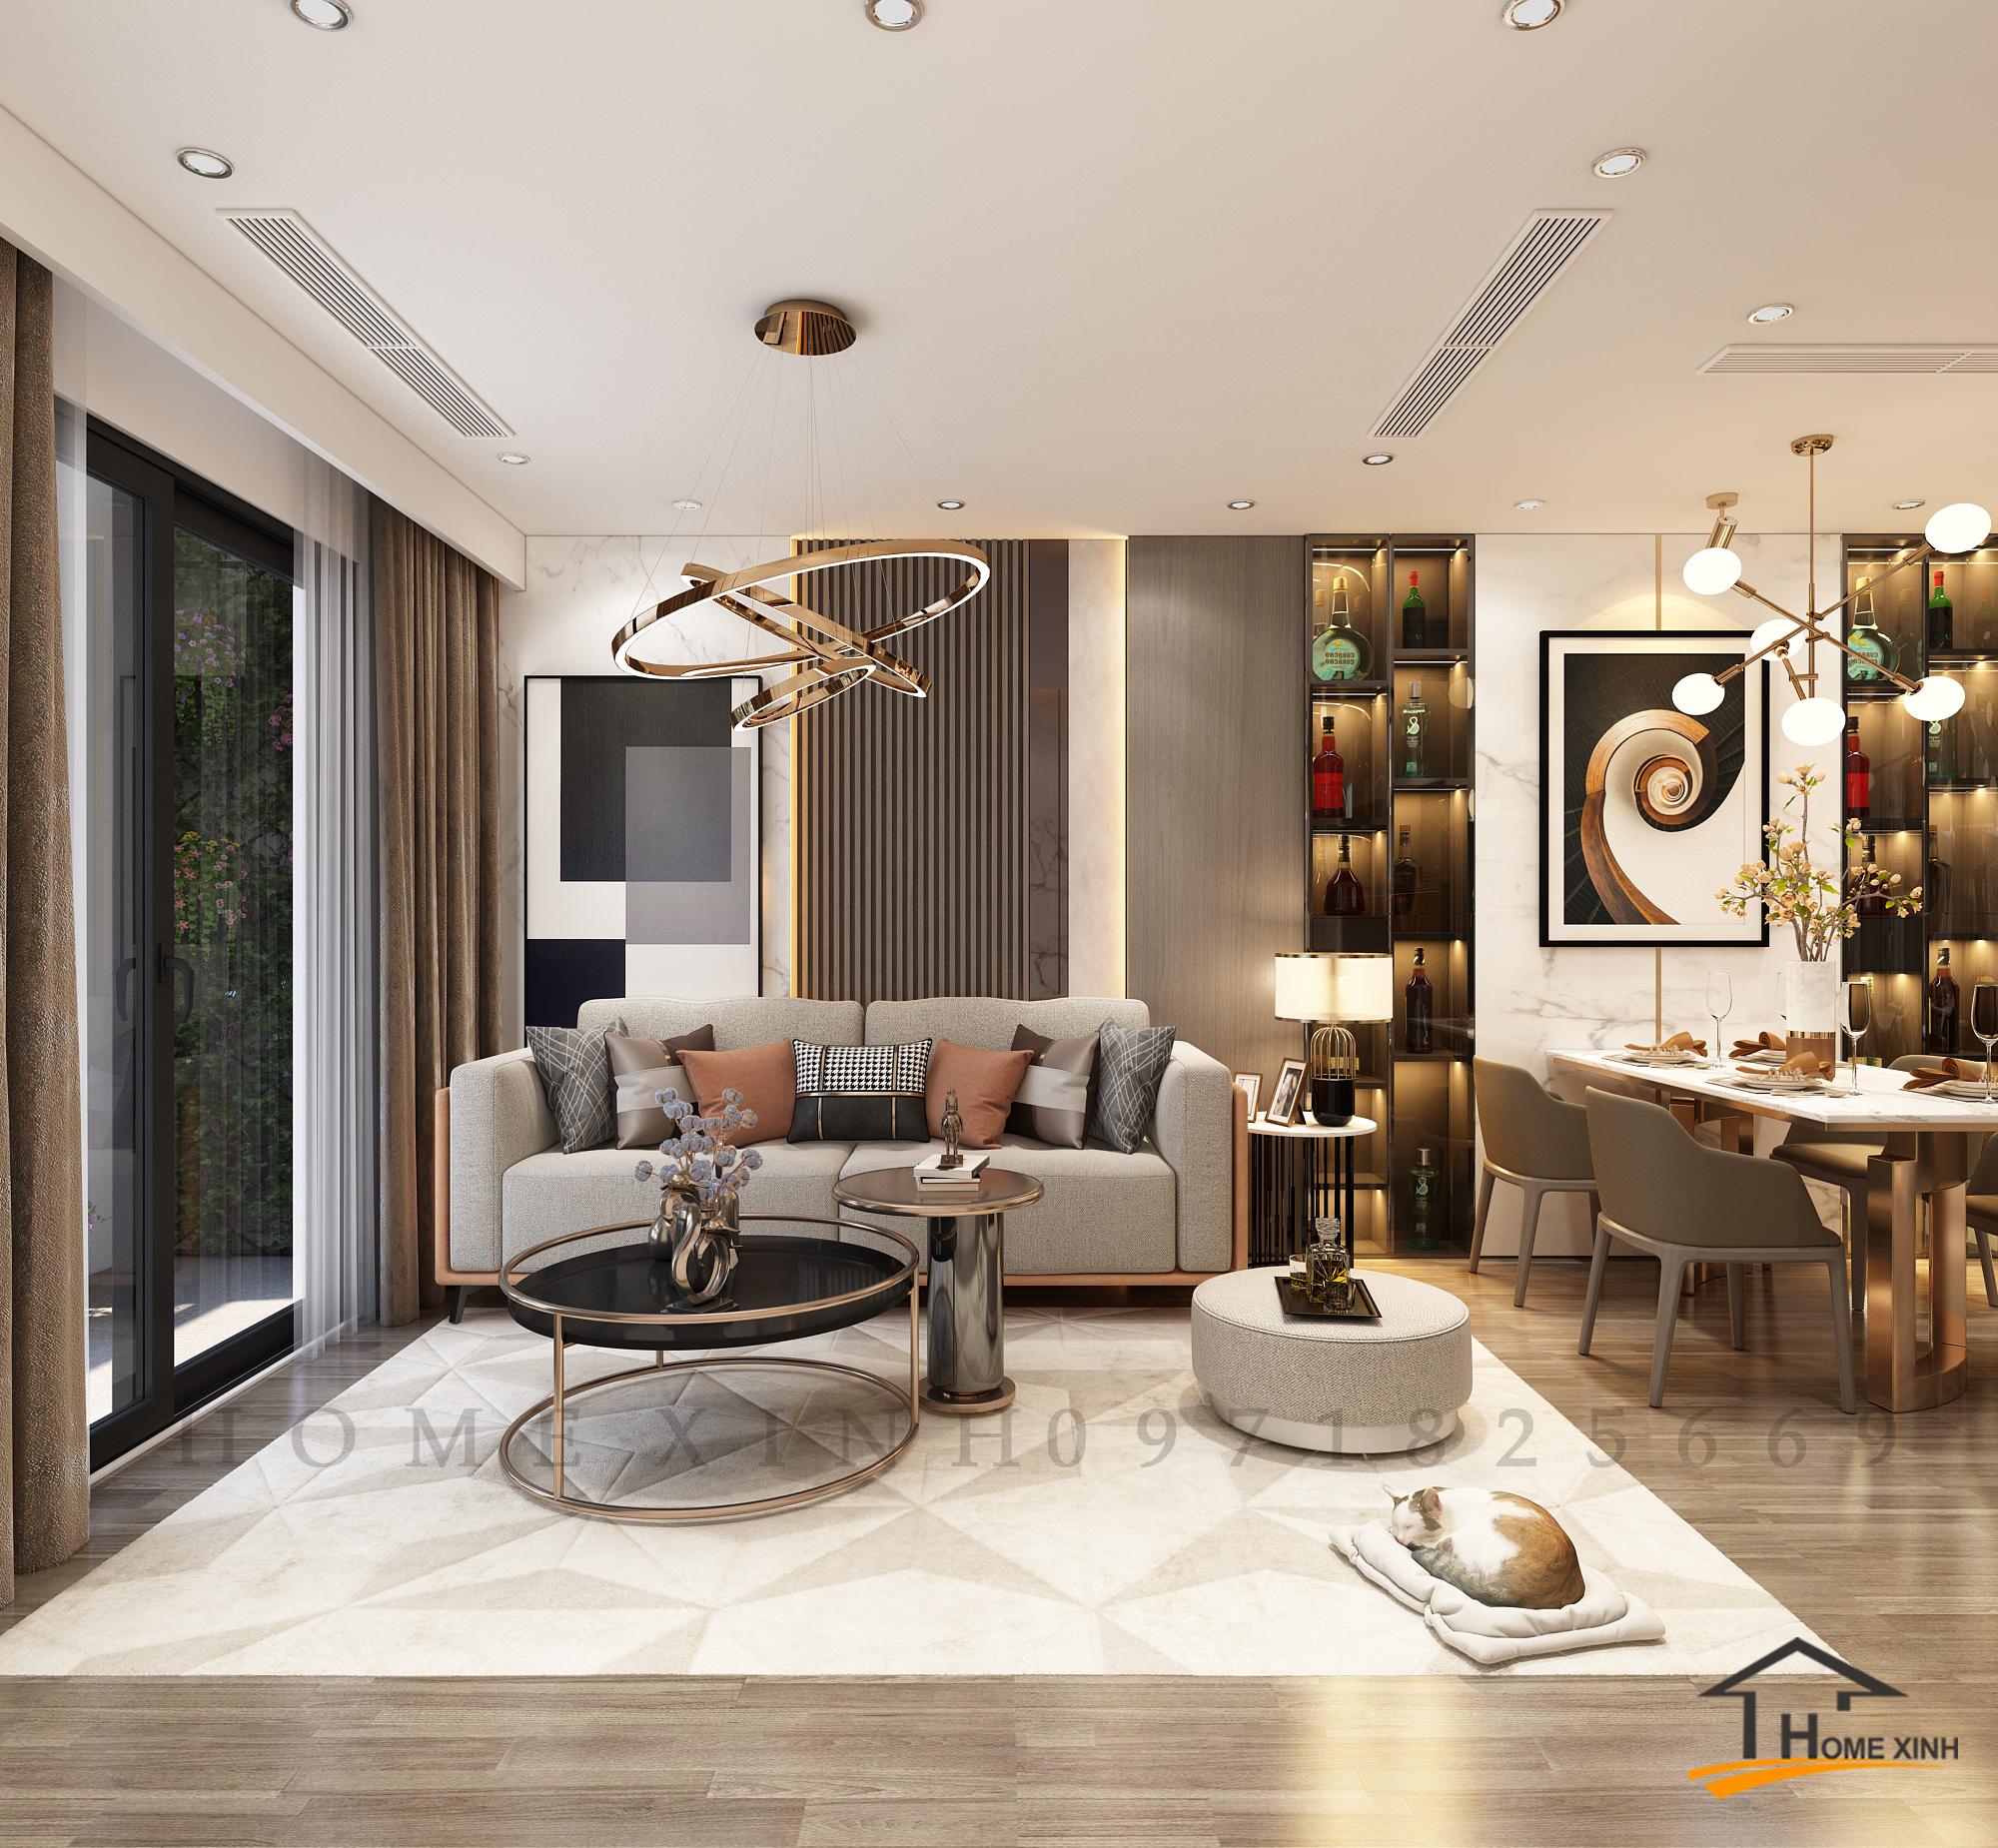 mẫu thiết kế nội thất chung cư mới nhất này.